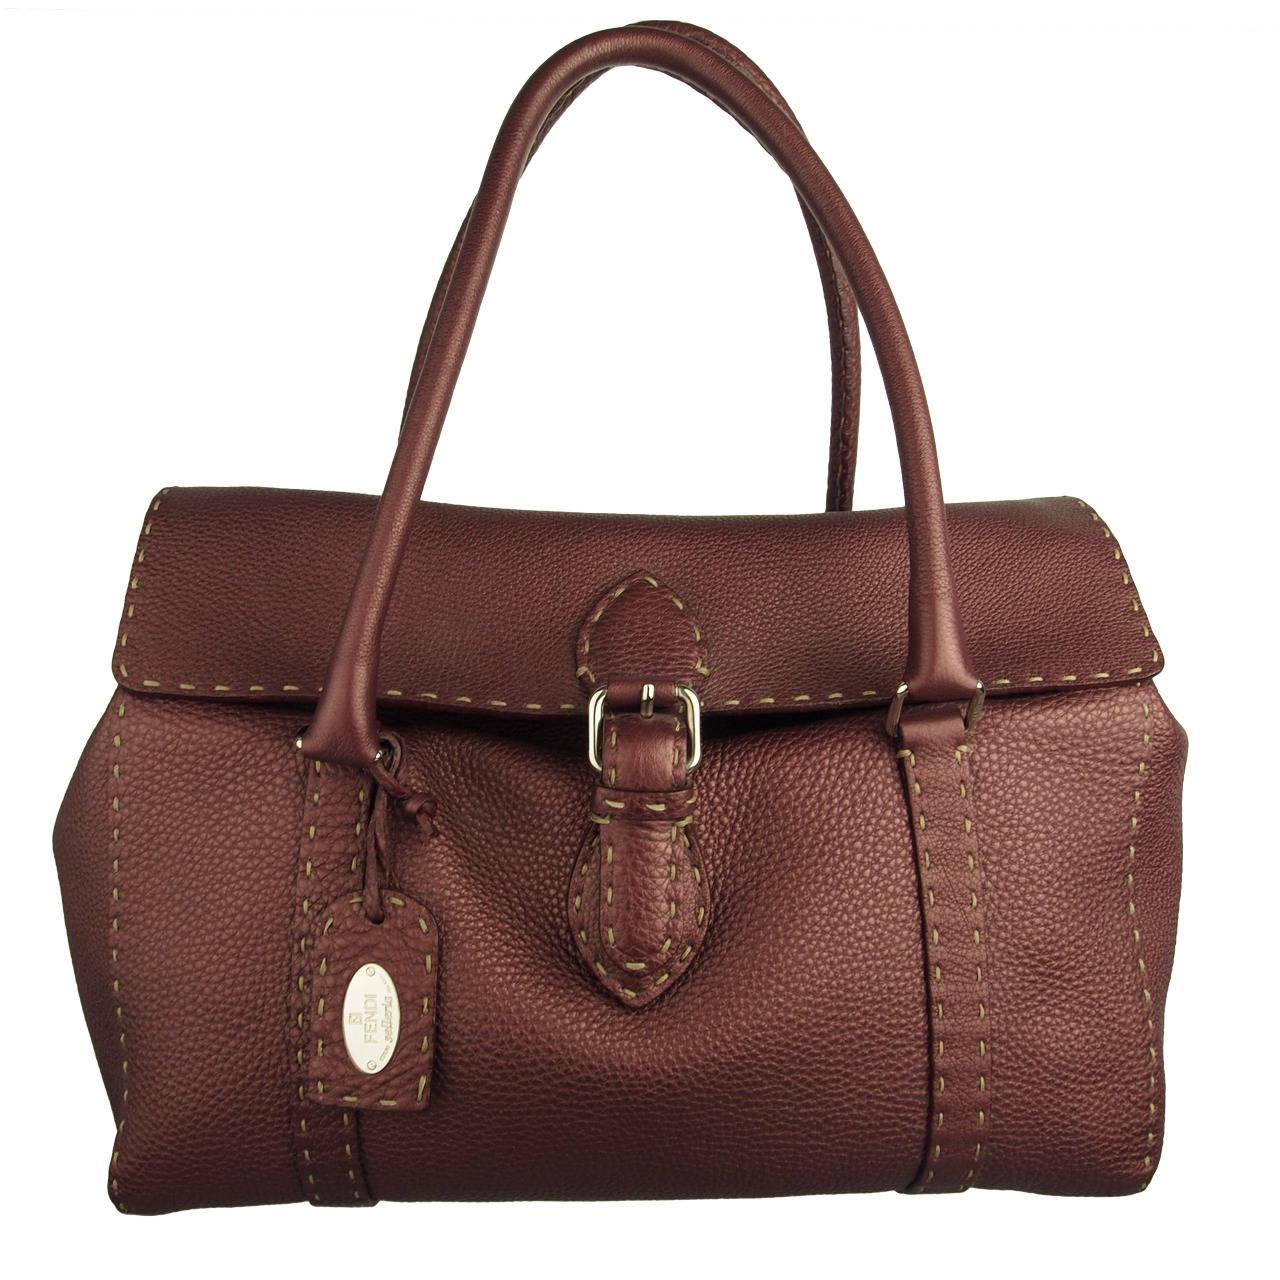 Fendi Selleria Linda Handbag at 1stdibs